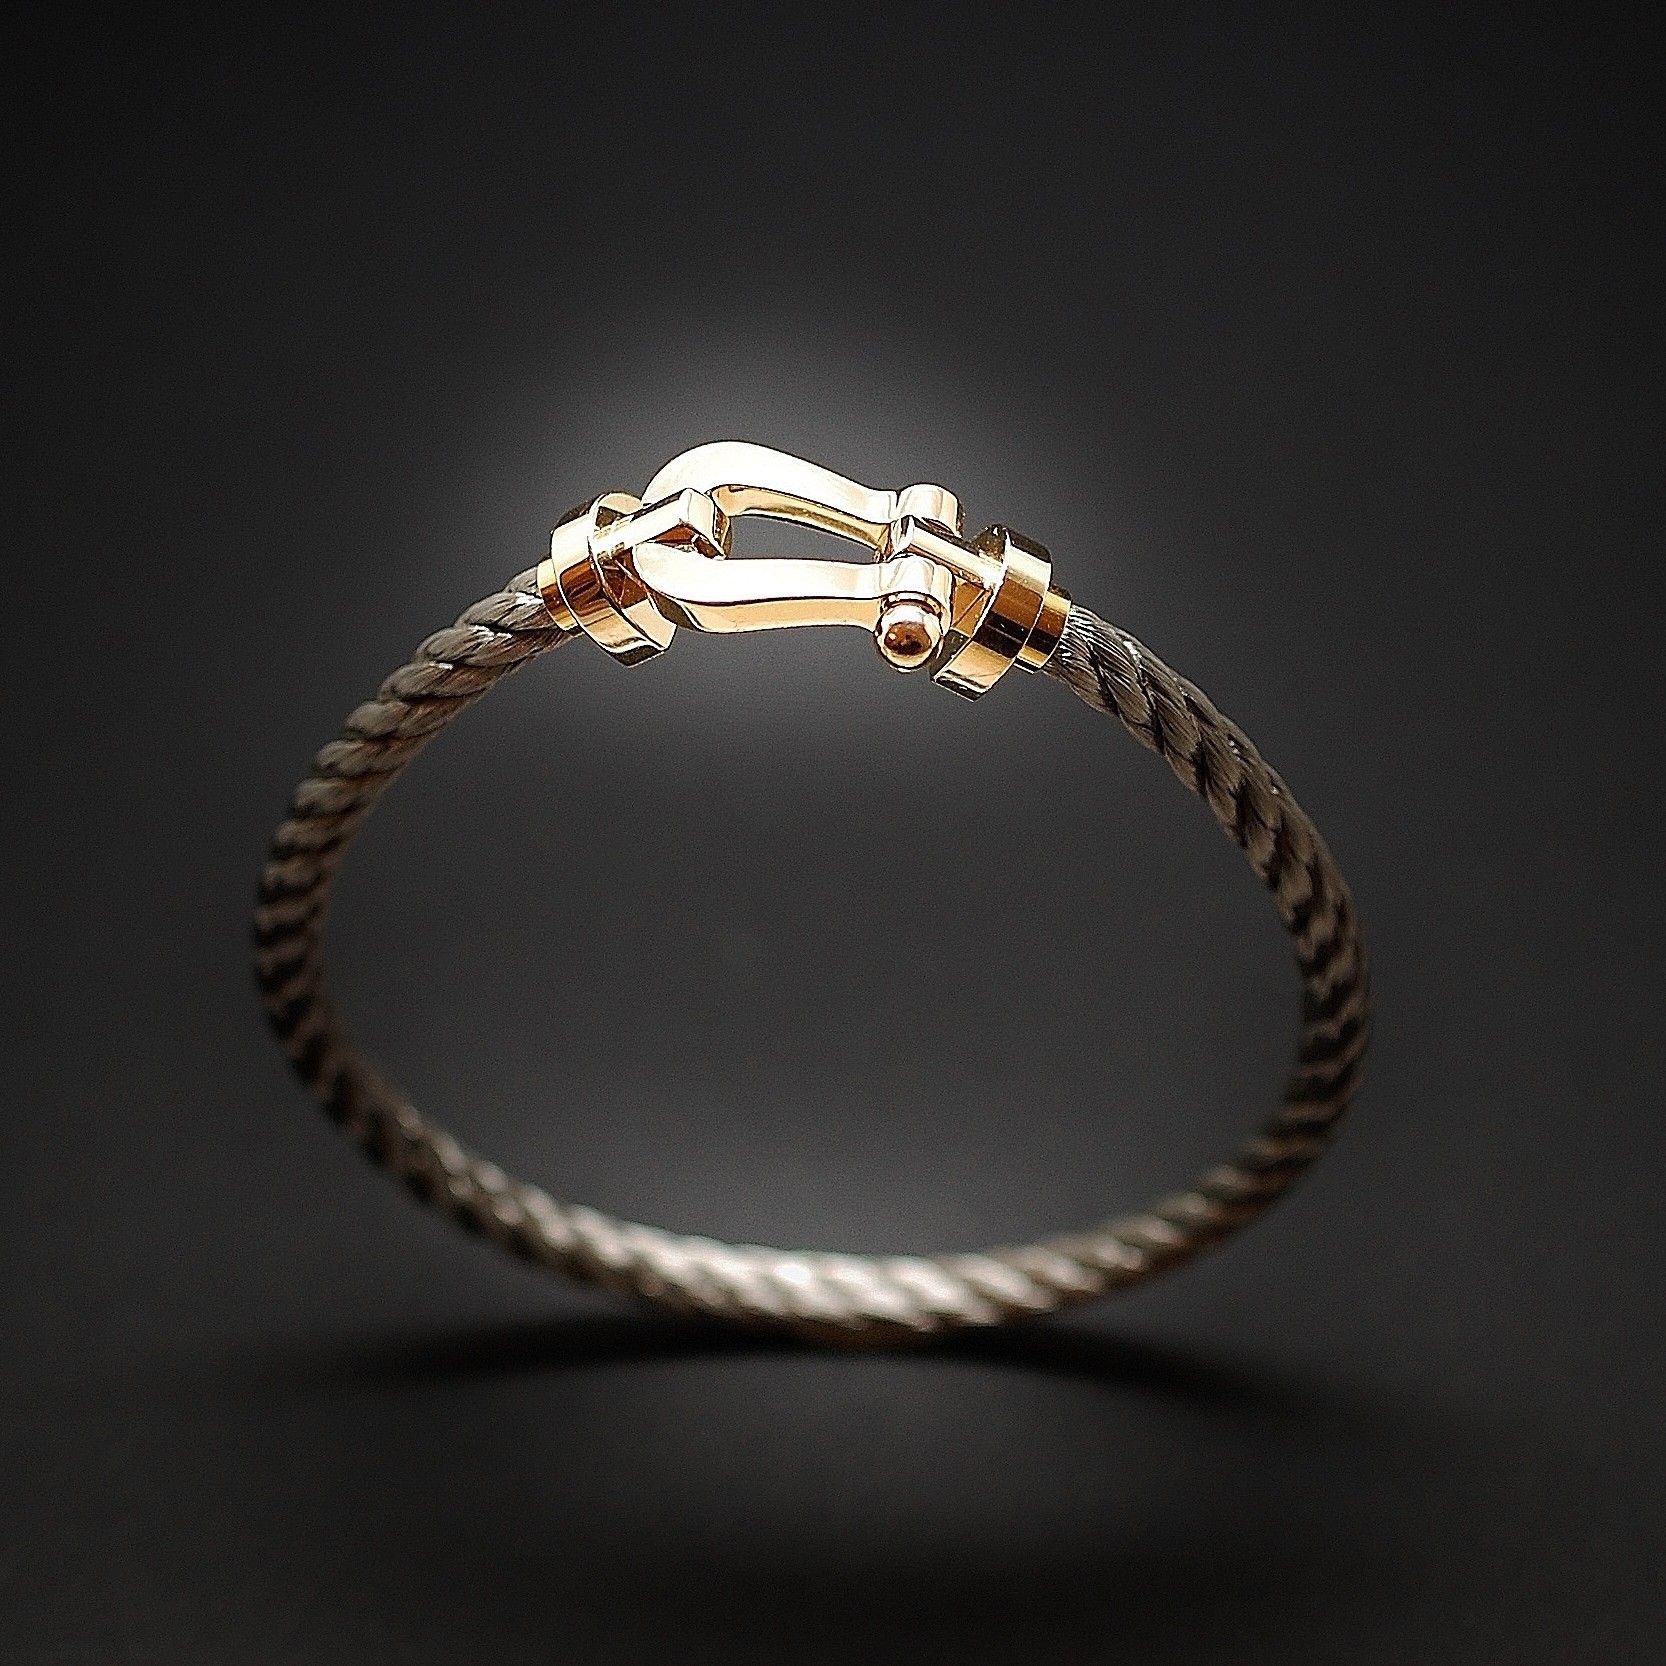 6607fac0959 à vendre   1200€ Bracelet Fred Force 10 Grand Modèle en or jaune 18 carats